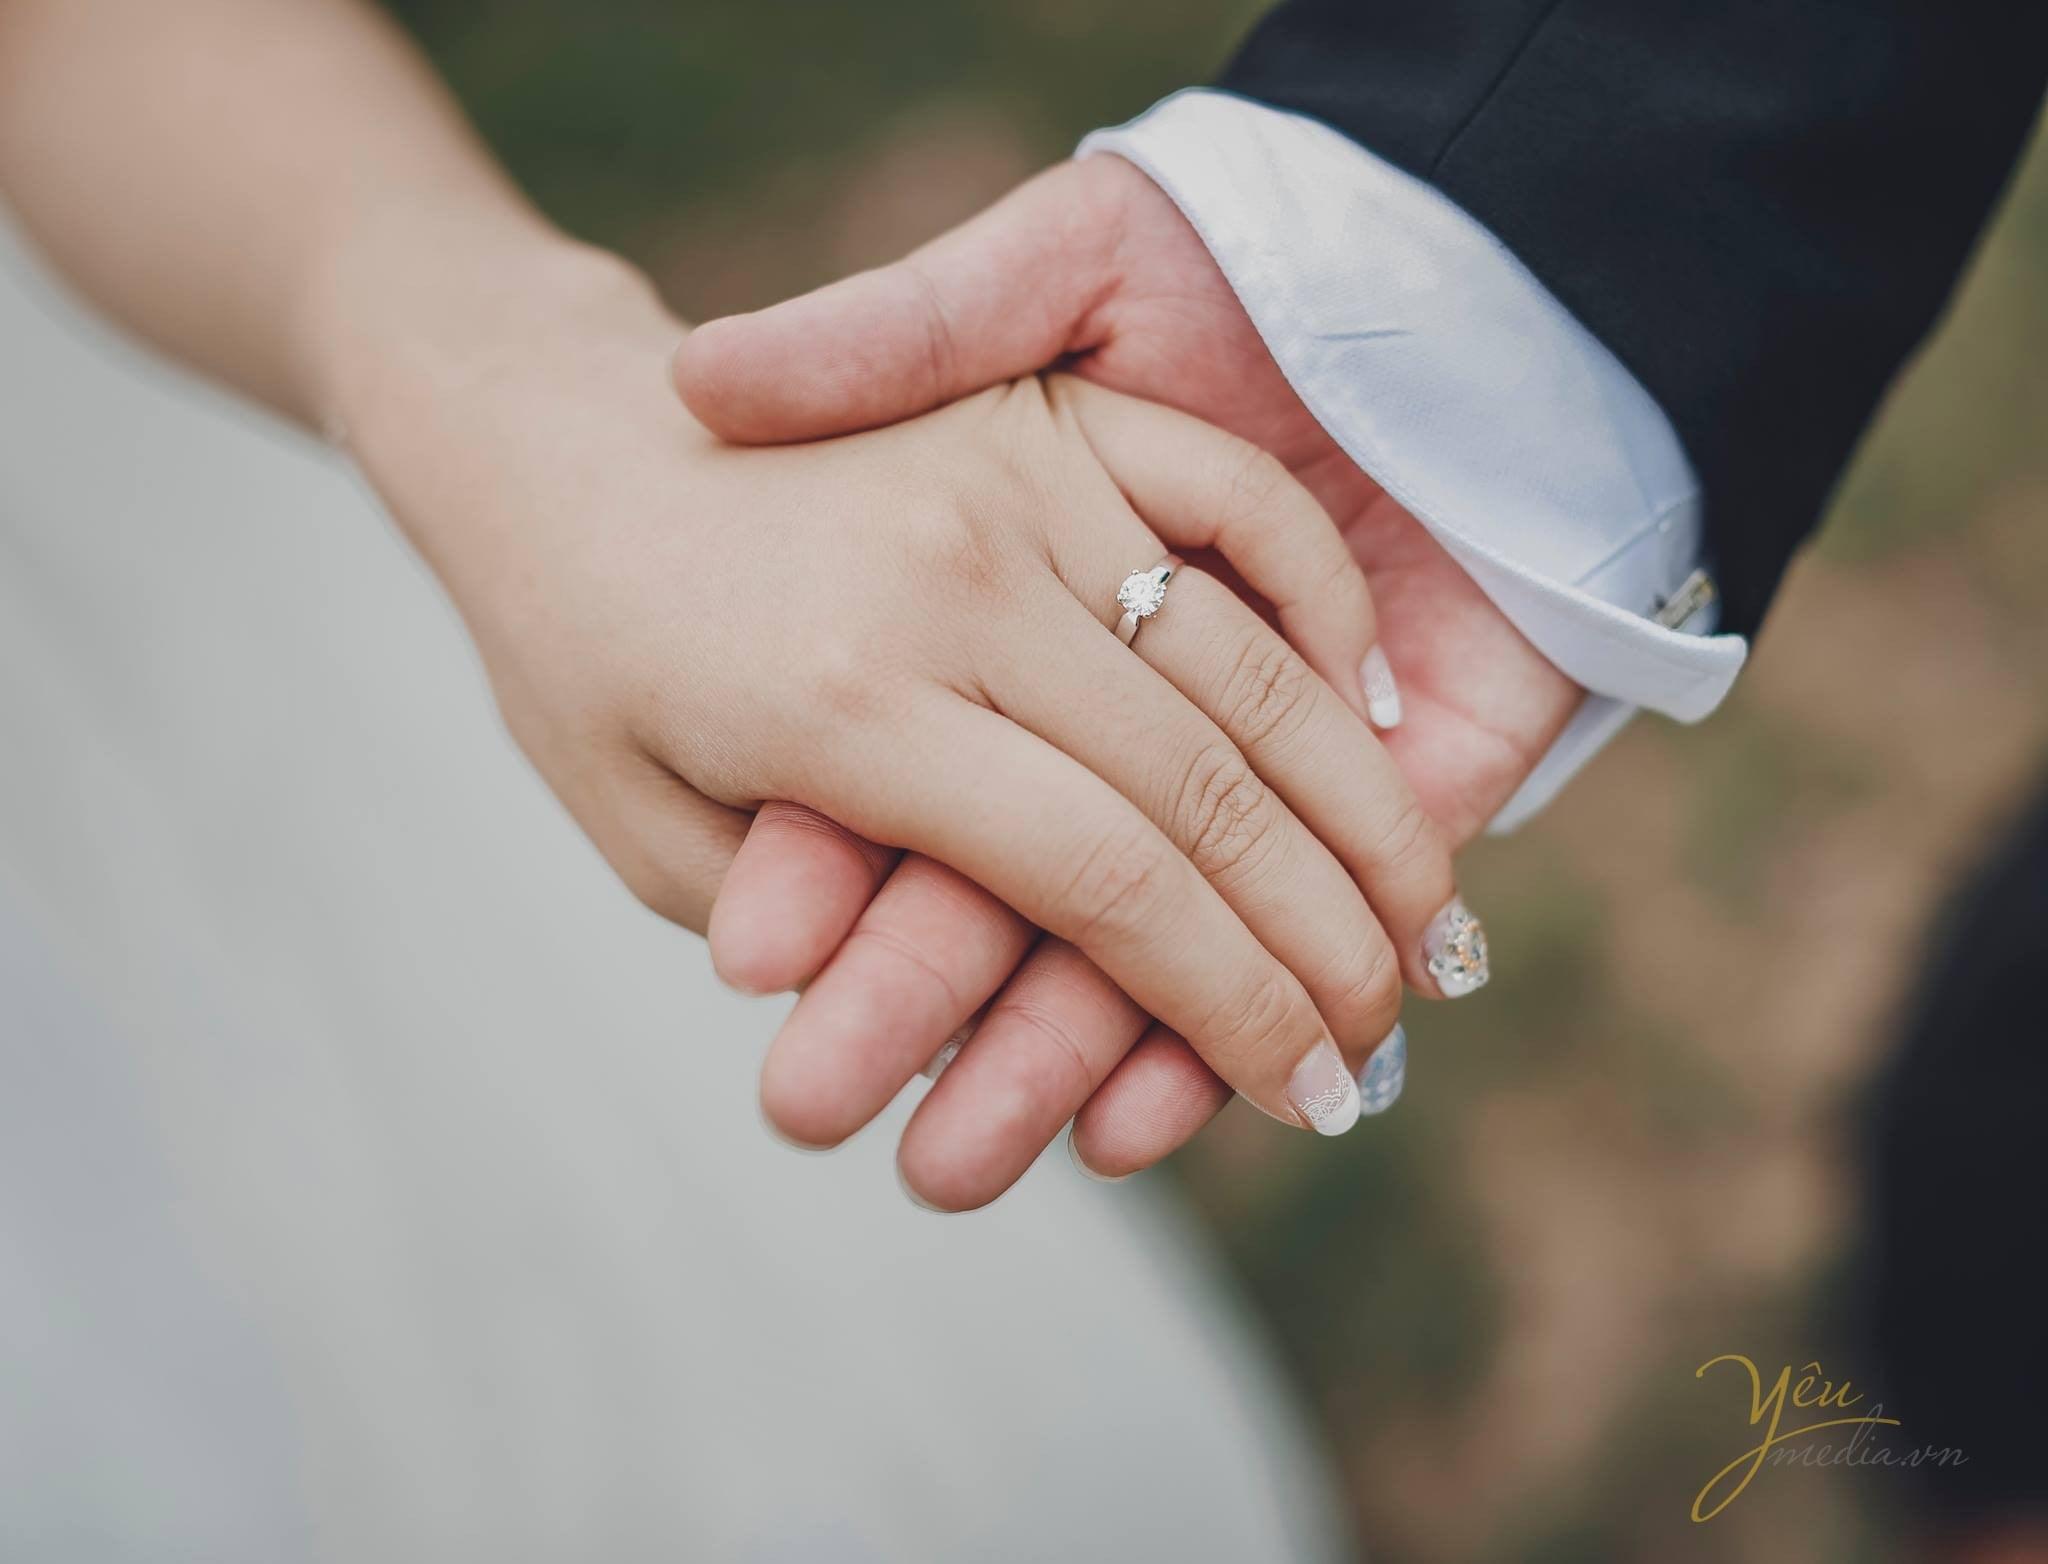 ảnh chụp tay chú rể và cô dâu cùng đeo nhẫn